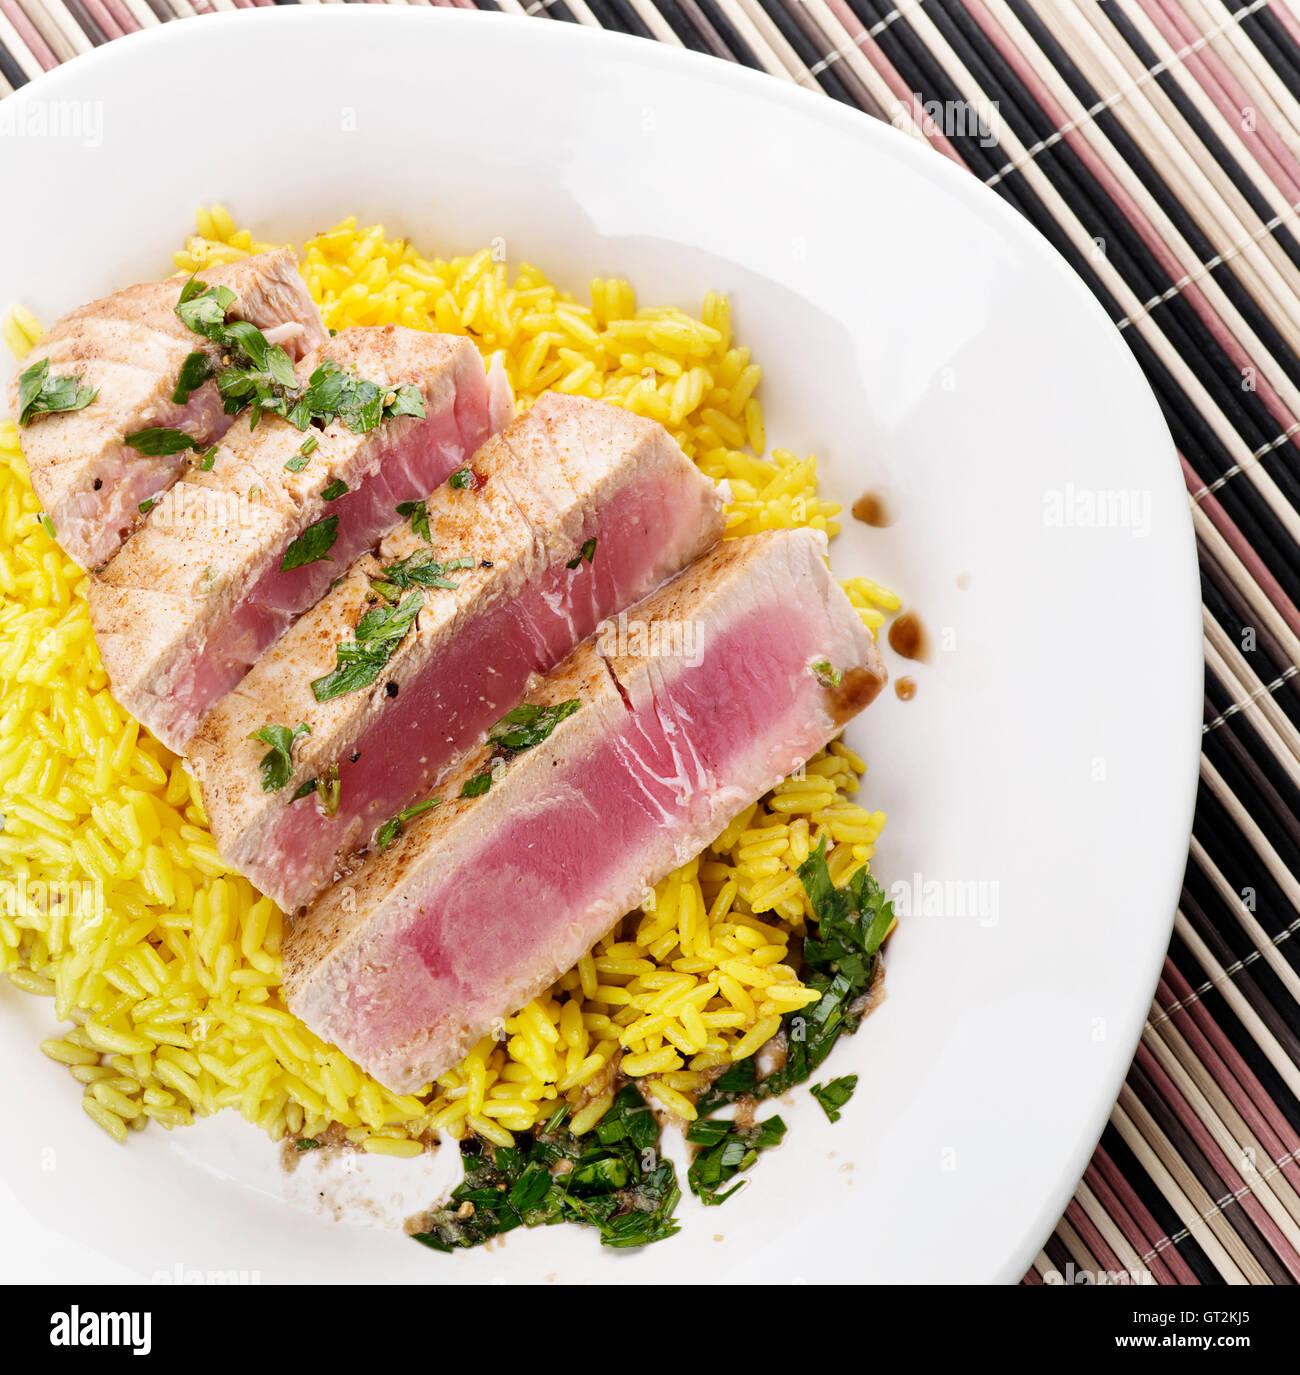 Ahi bistecca di tonno con riso e salsa di erbe Immagini Stock